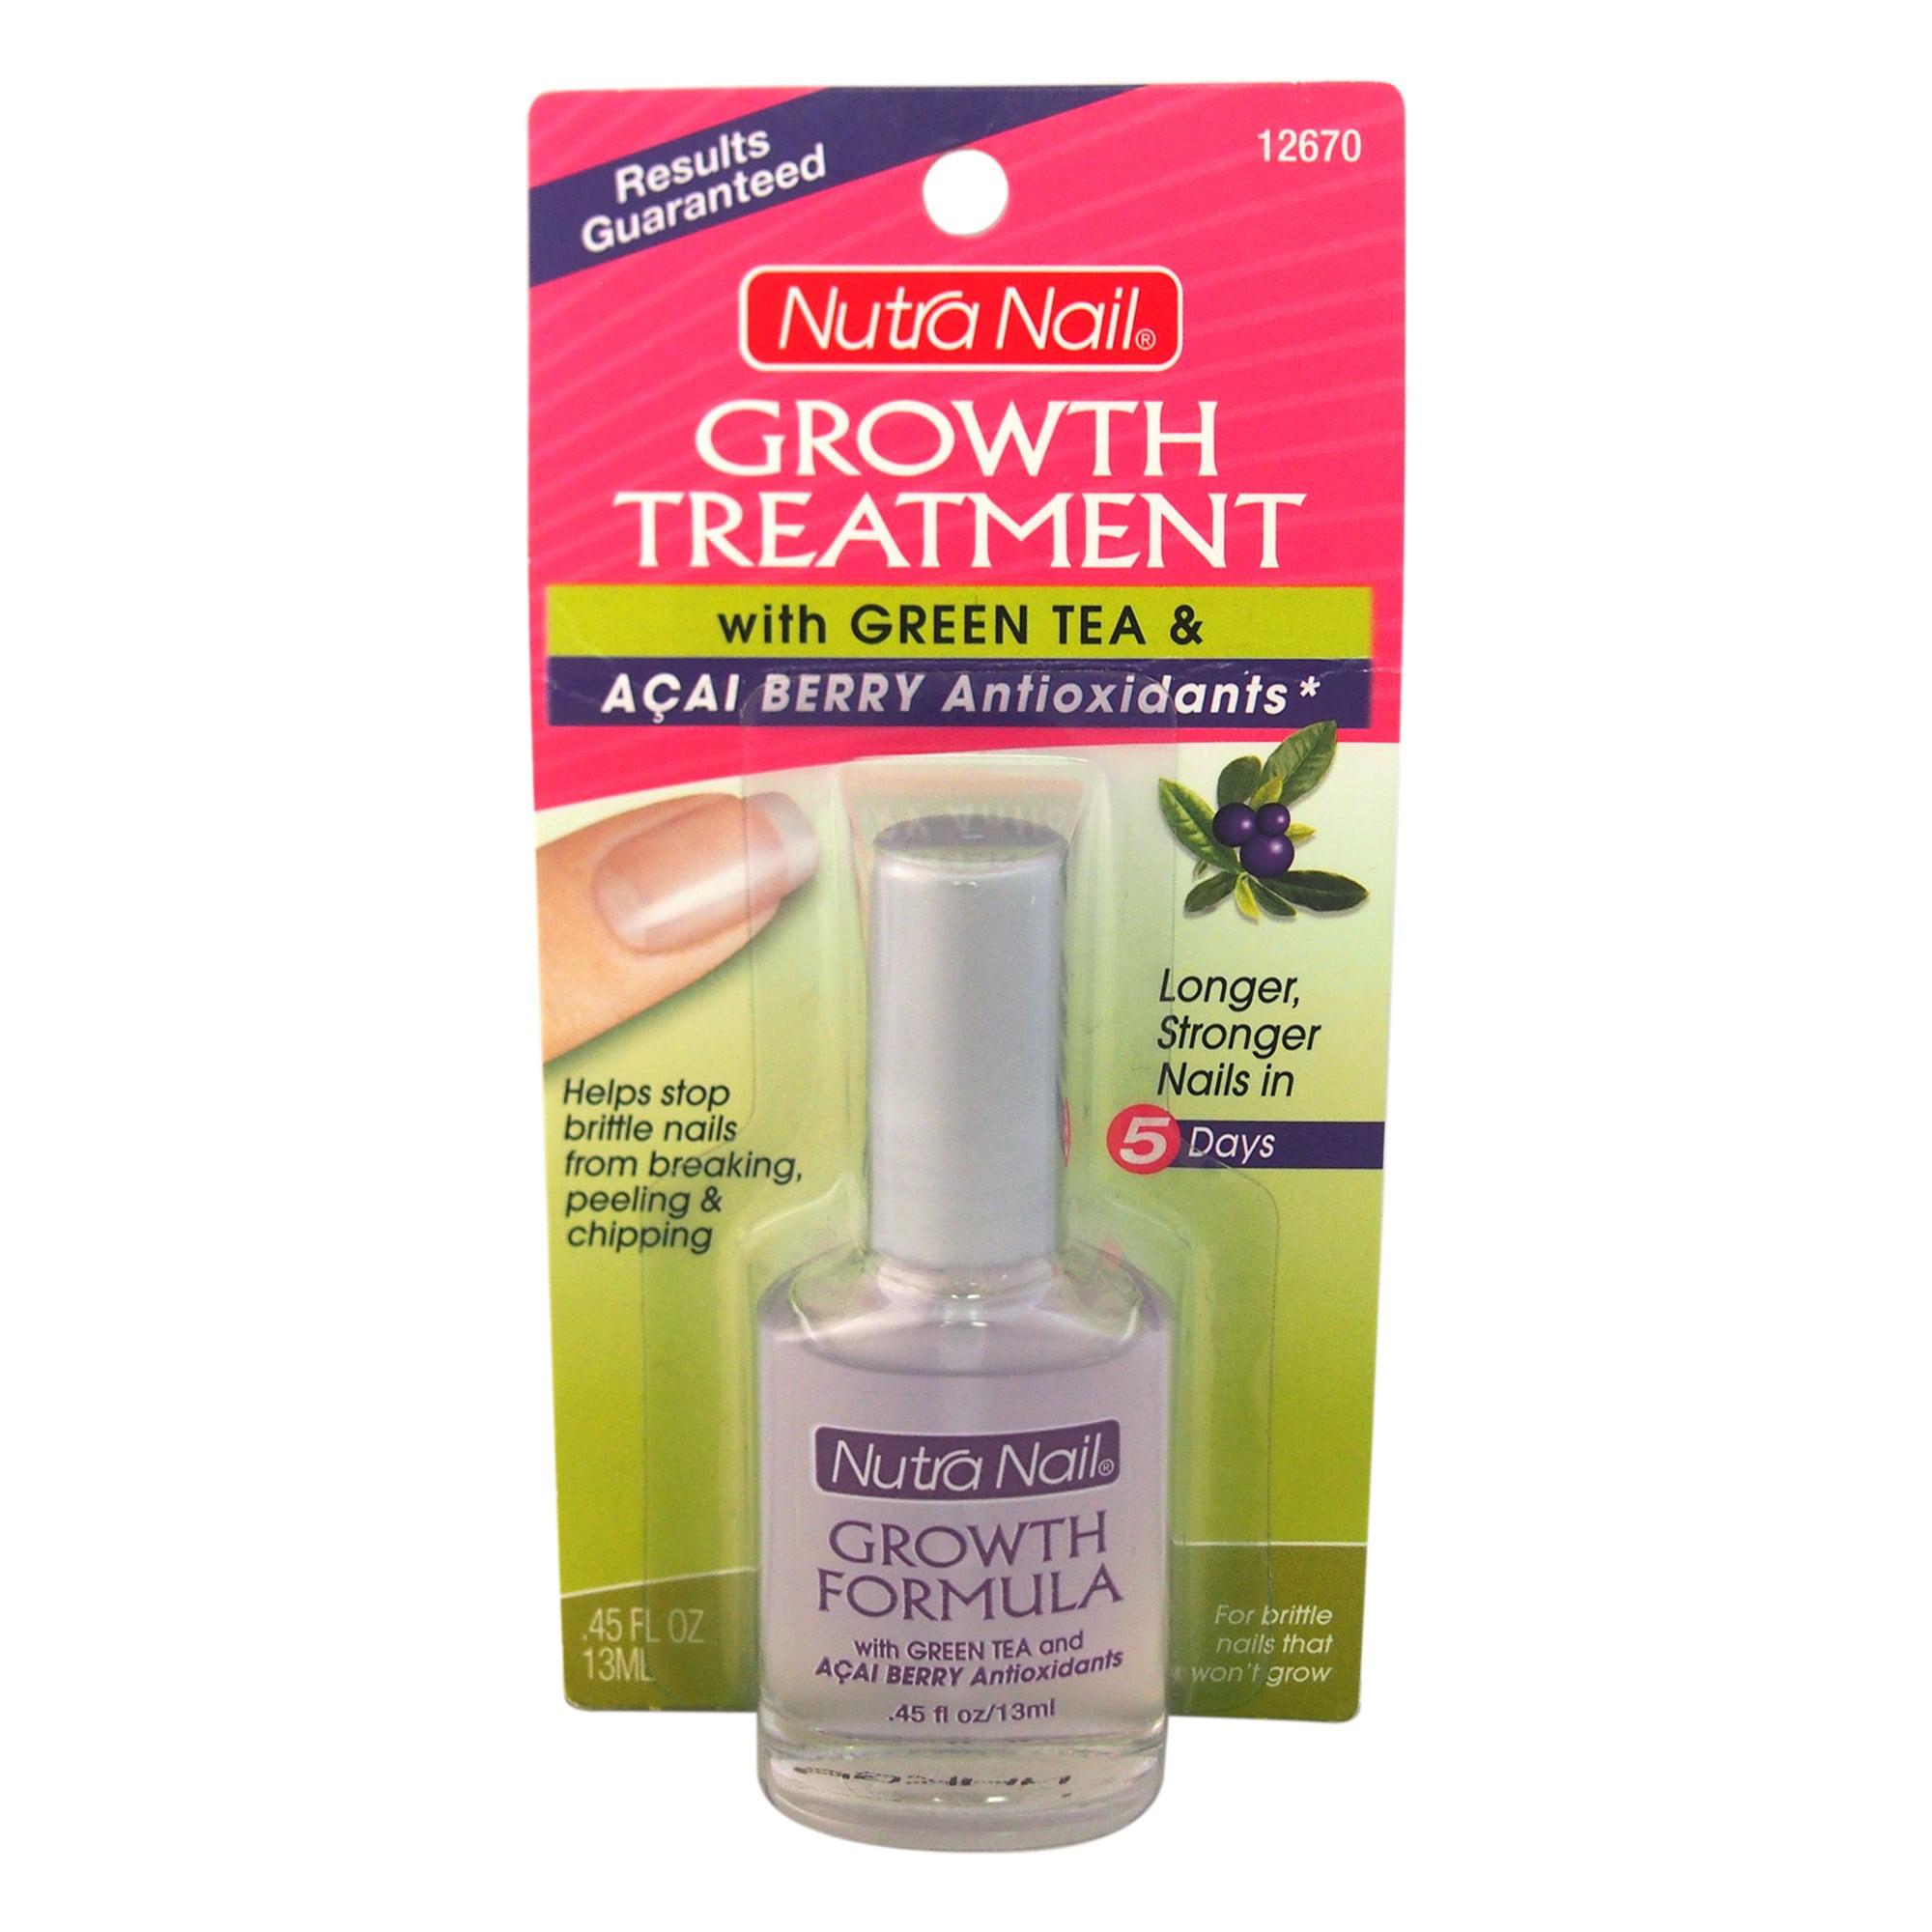 Nutra Nail Growth Treatment With Green Tea & Acai Antioxidants ...